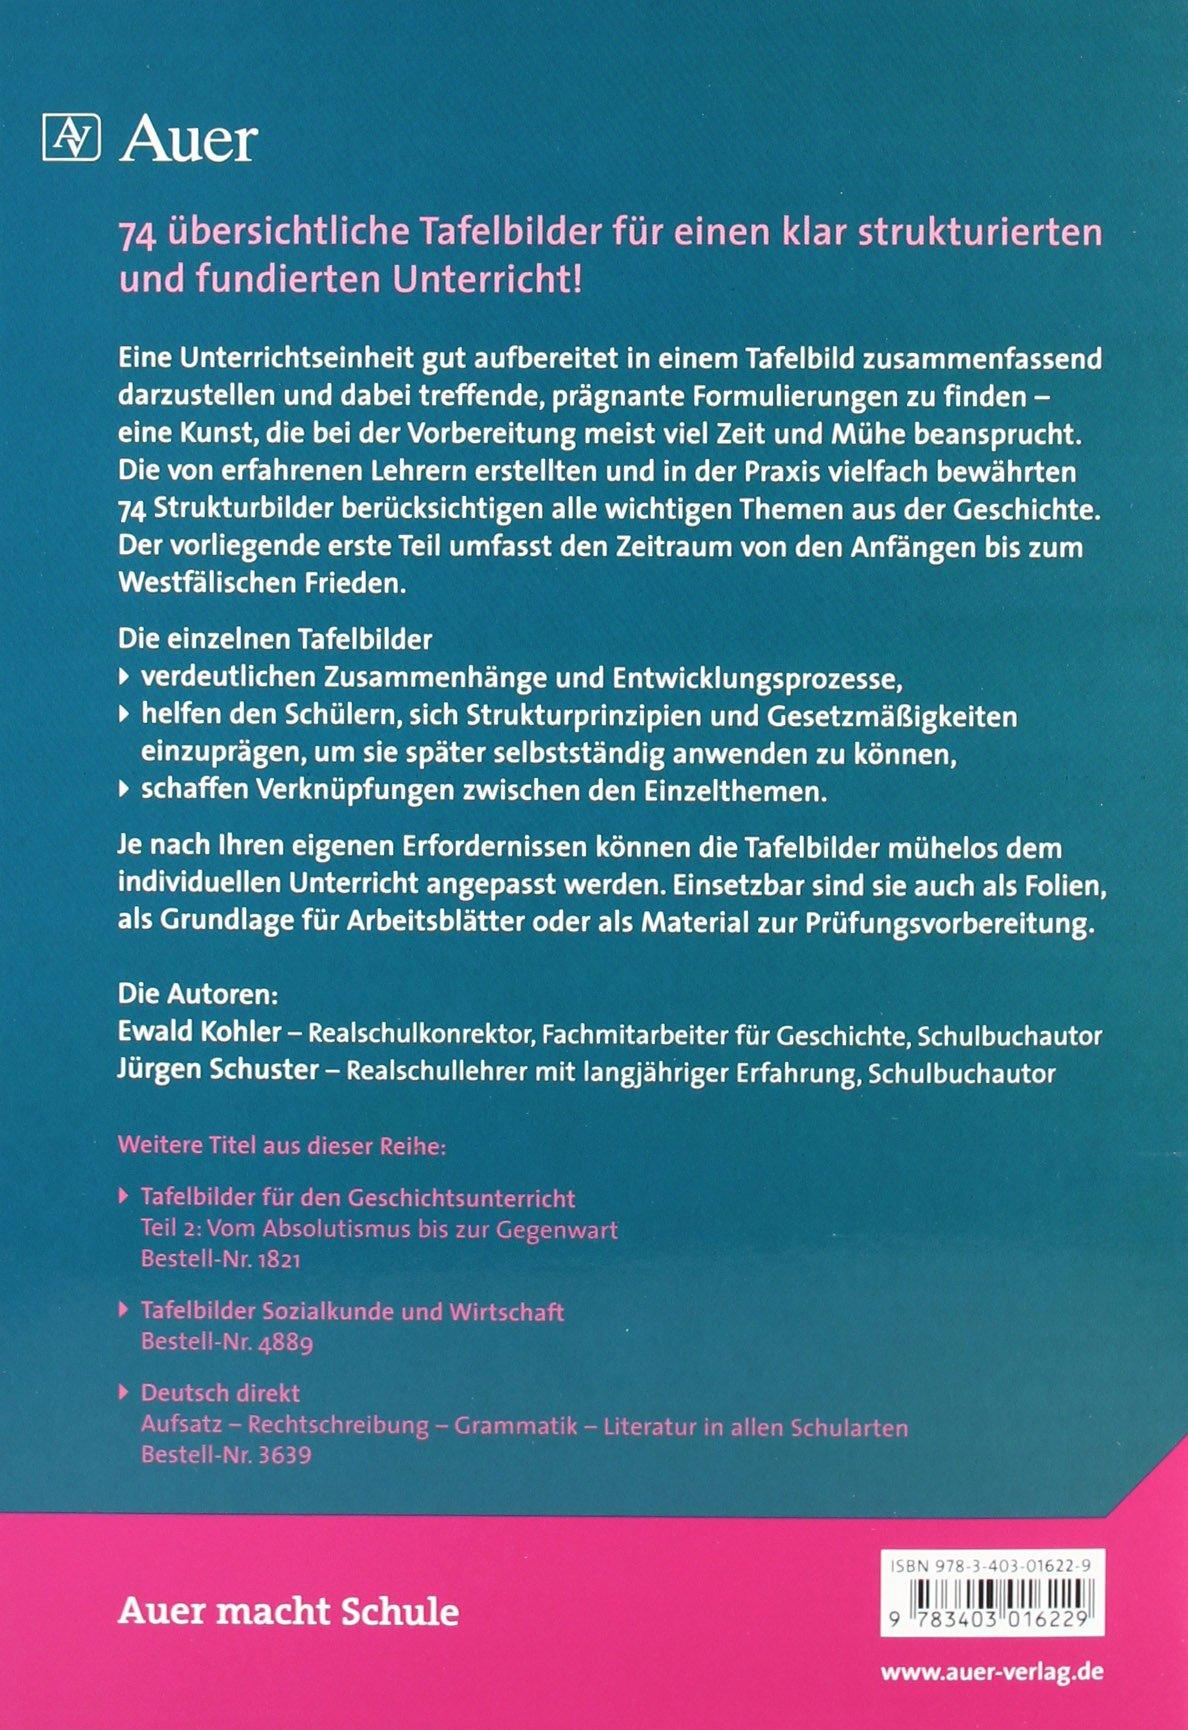 Tafelbilder für den Geschichtsunterricht, in 2 Tln., Tl.1, Von den ...